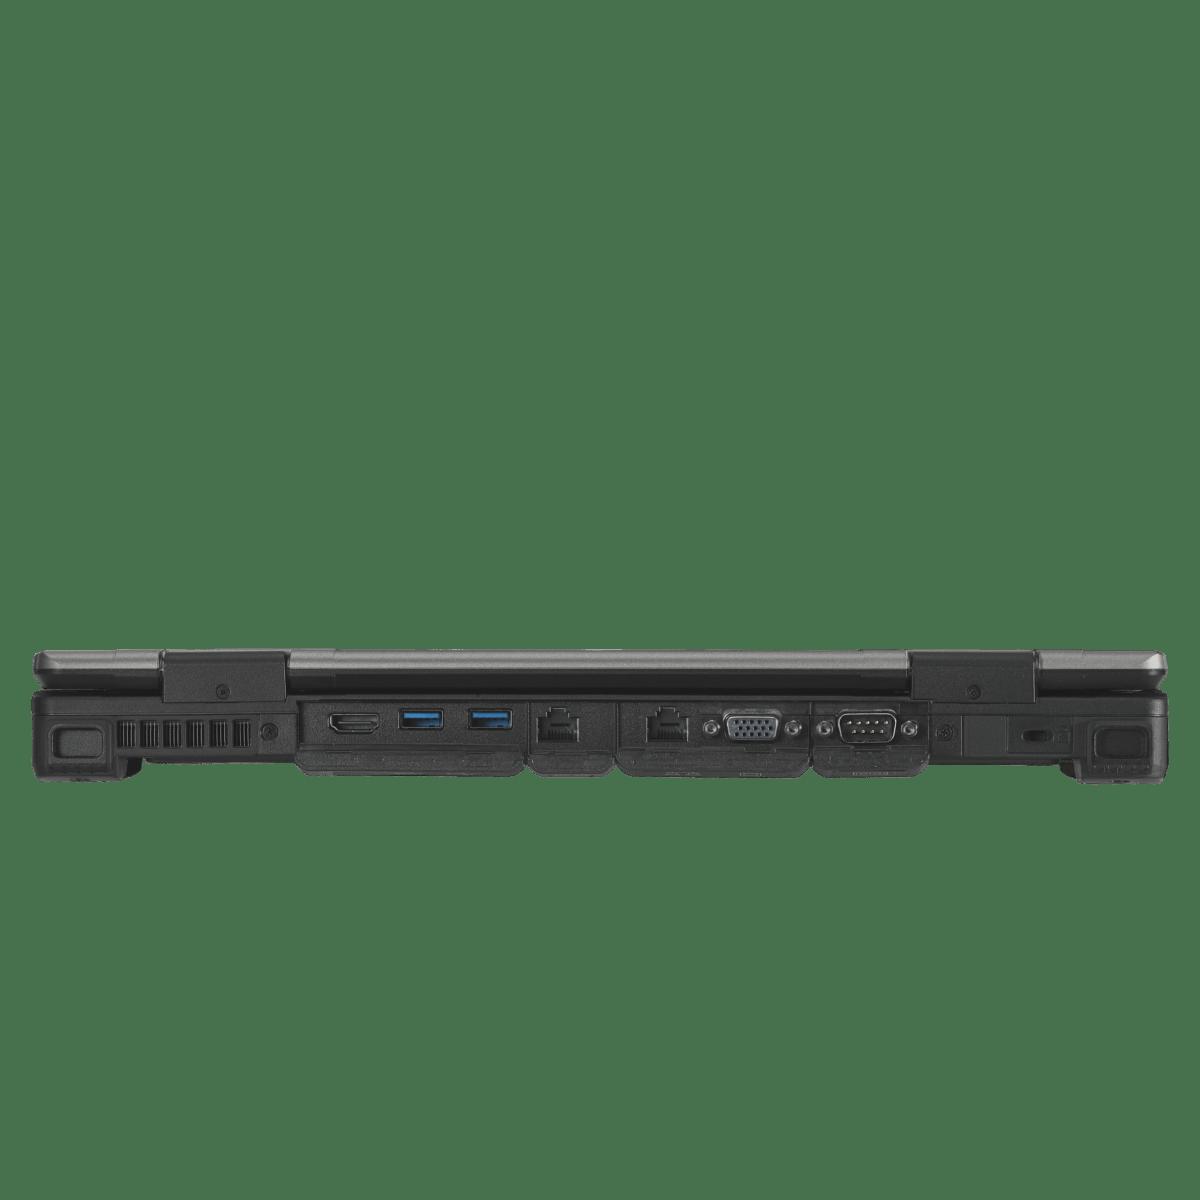 S410-O-port-LAN-Getac